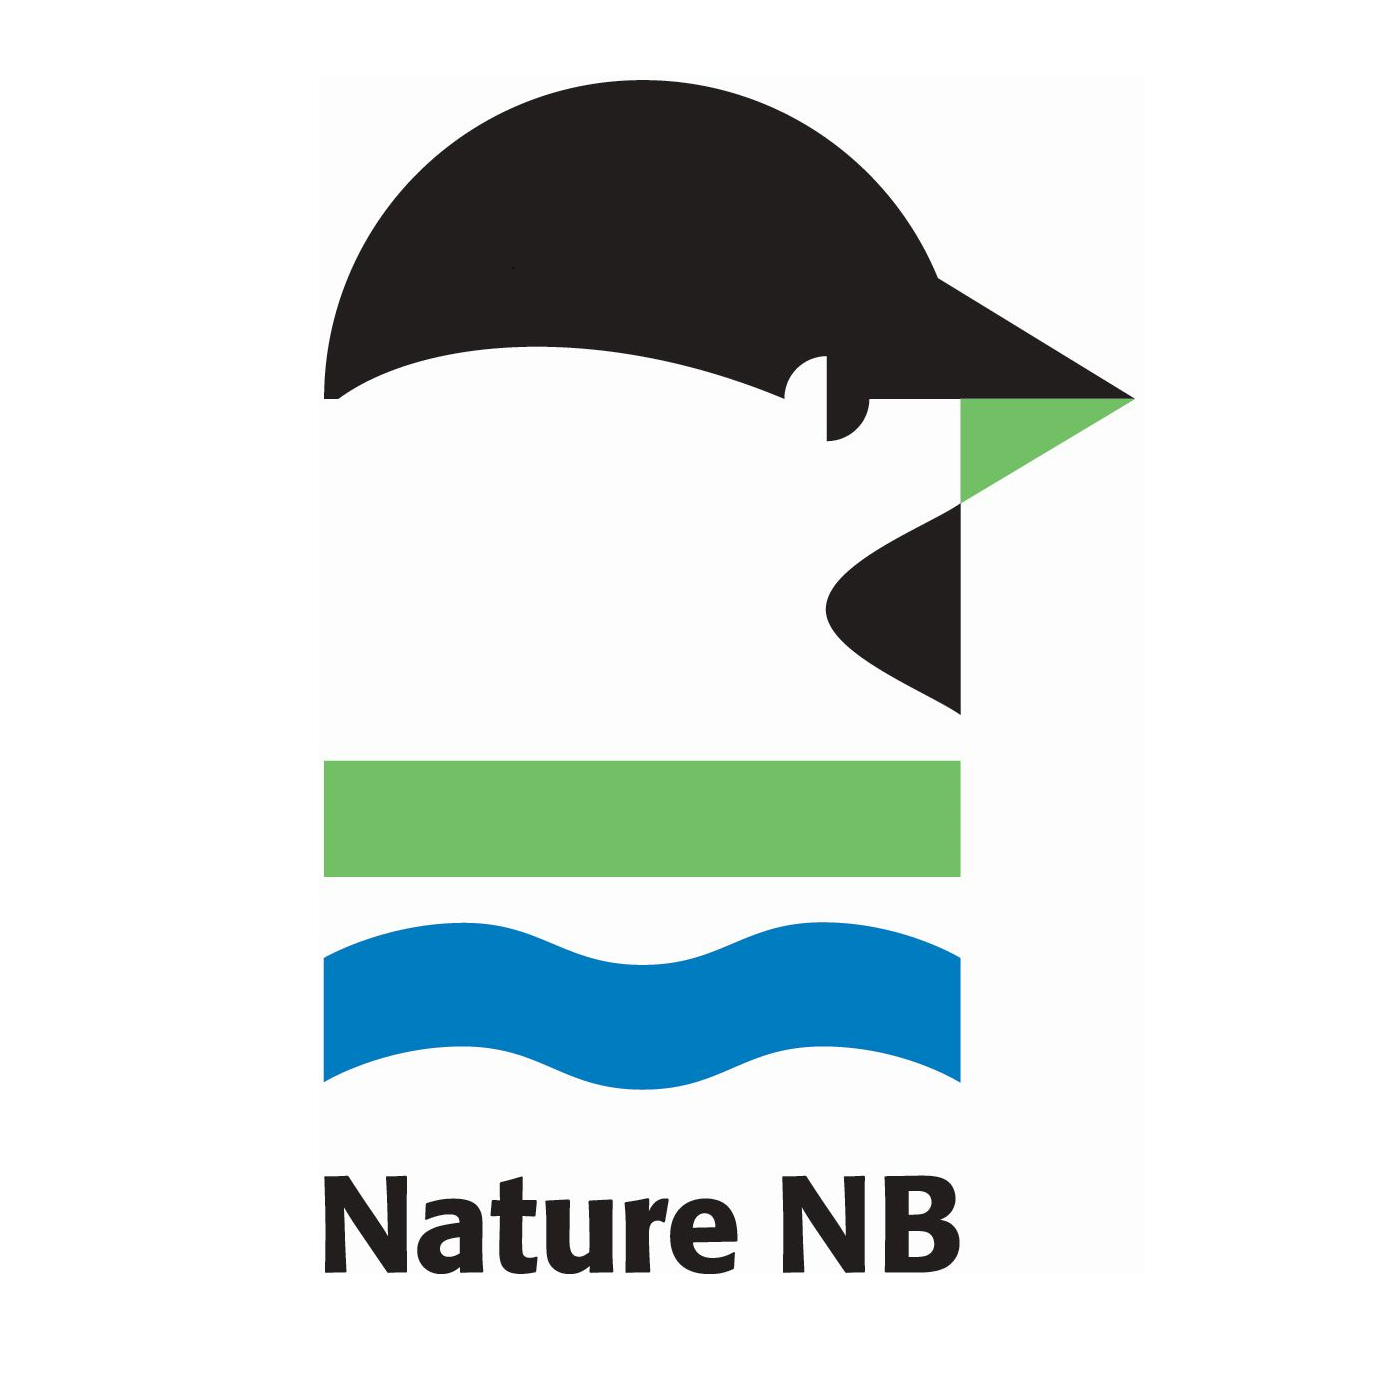 naturenb